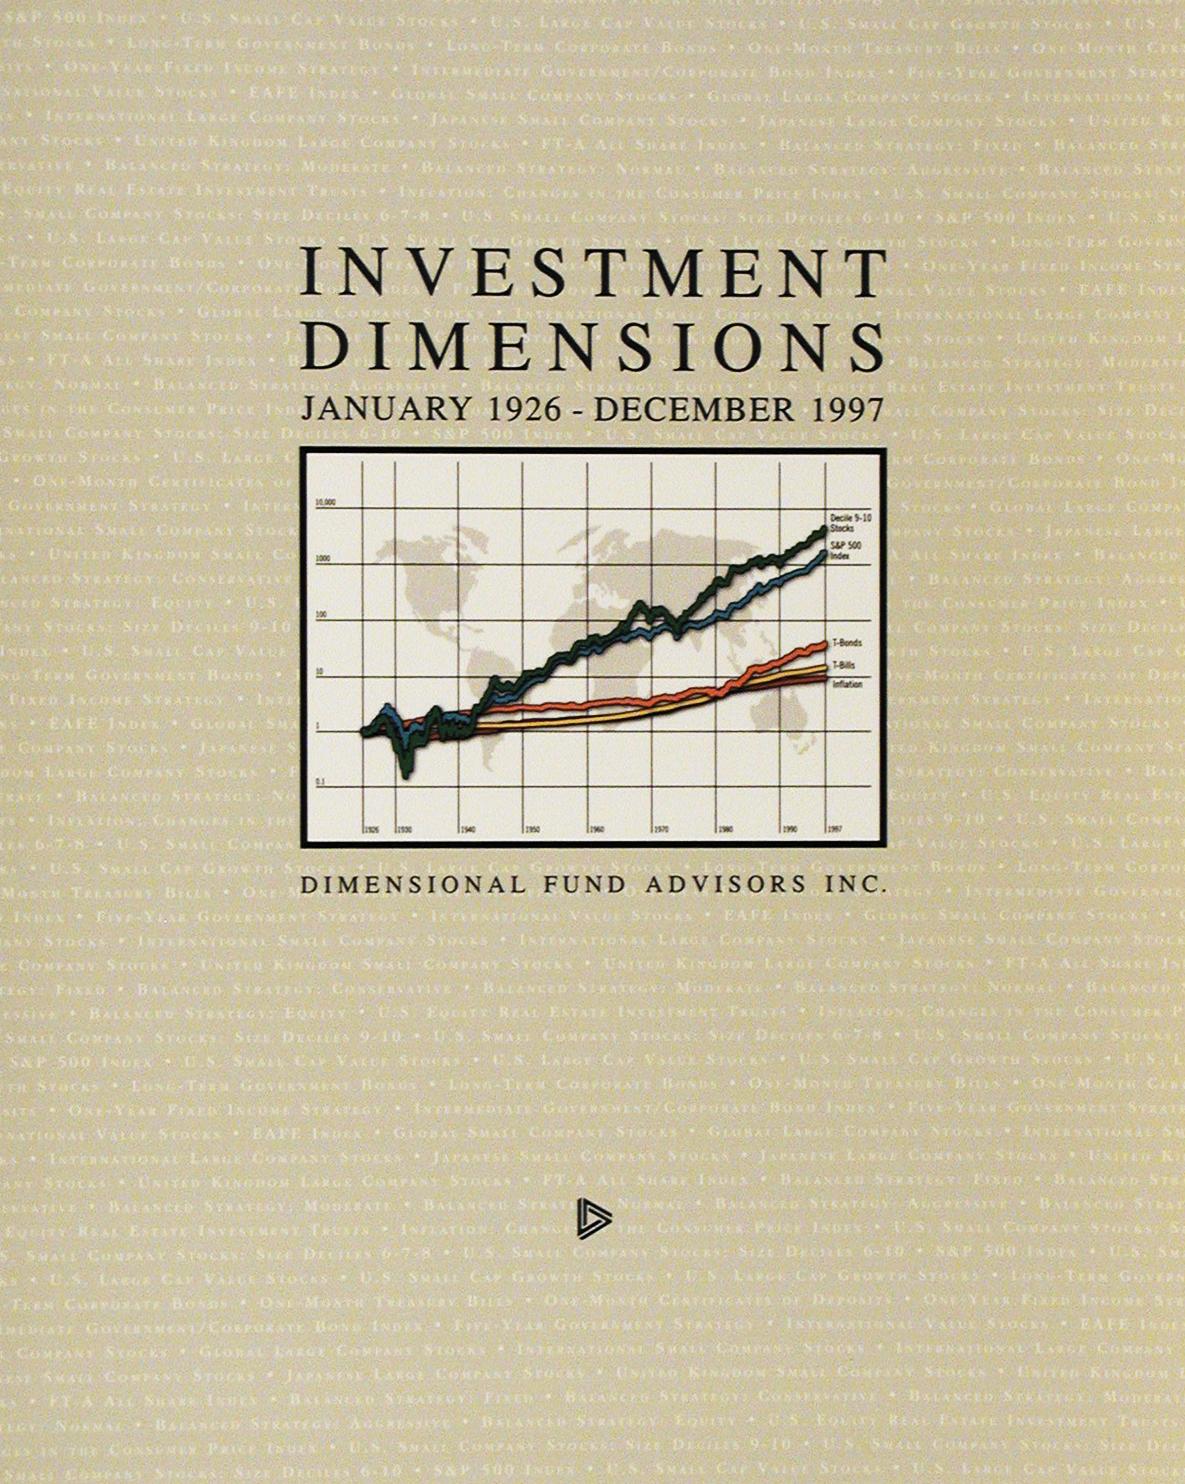 DFA Matrix Book 1997